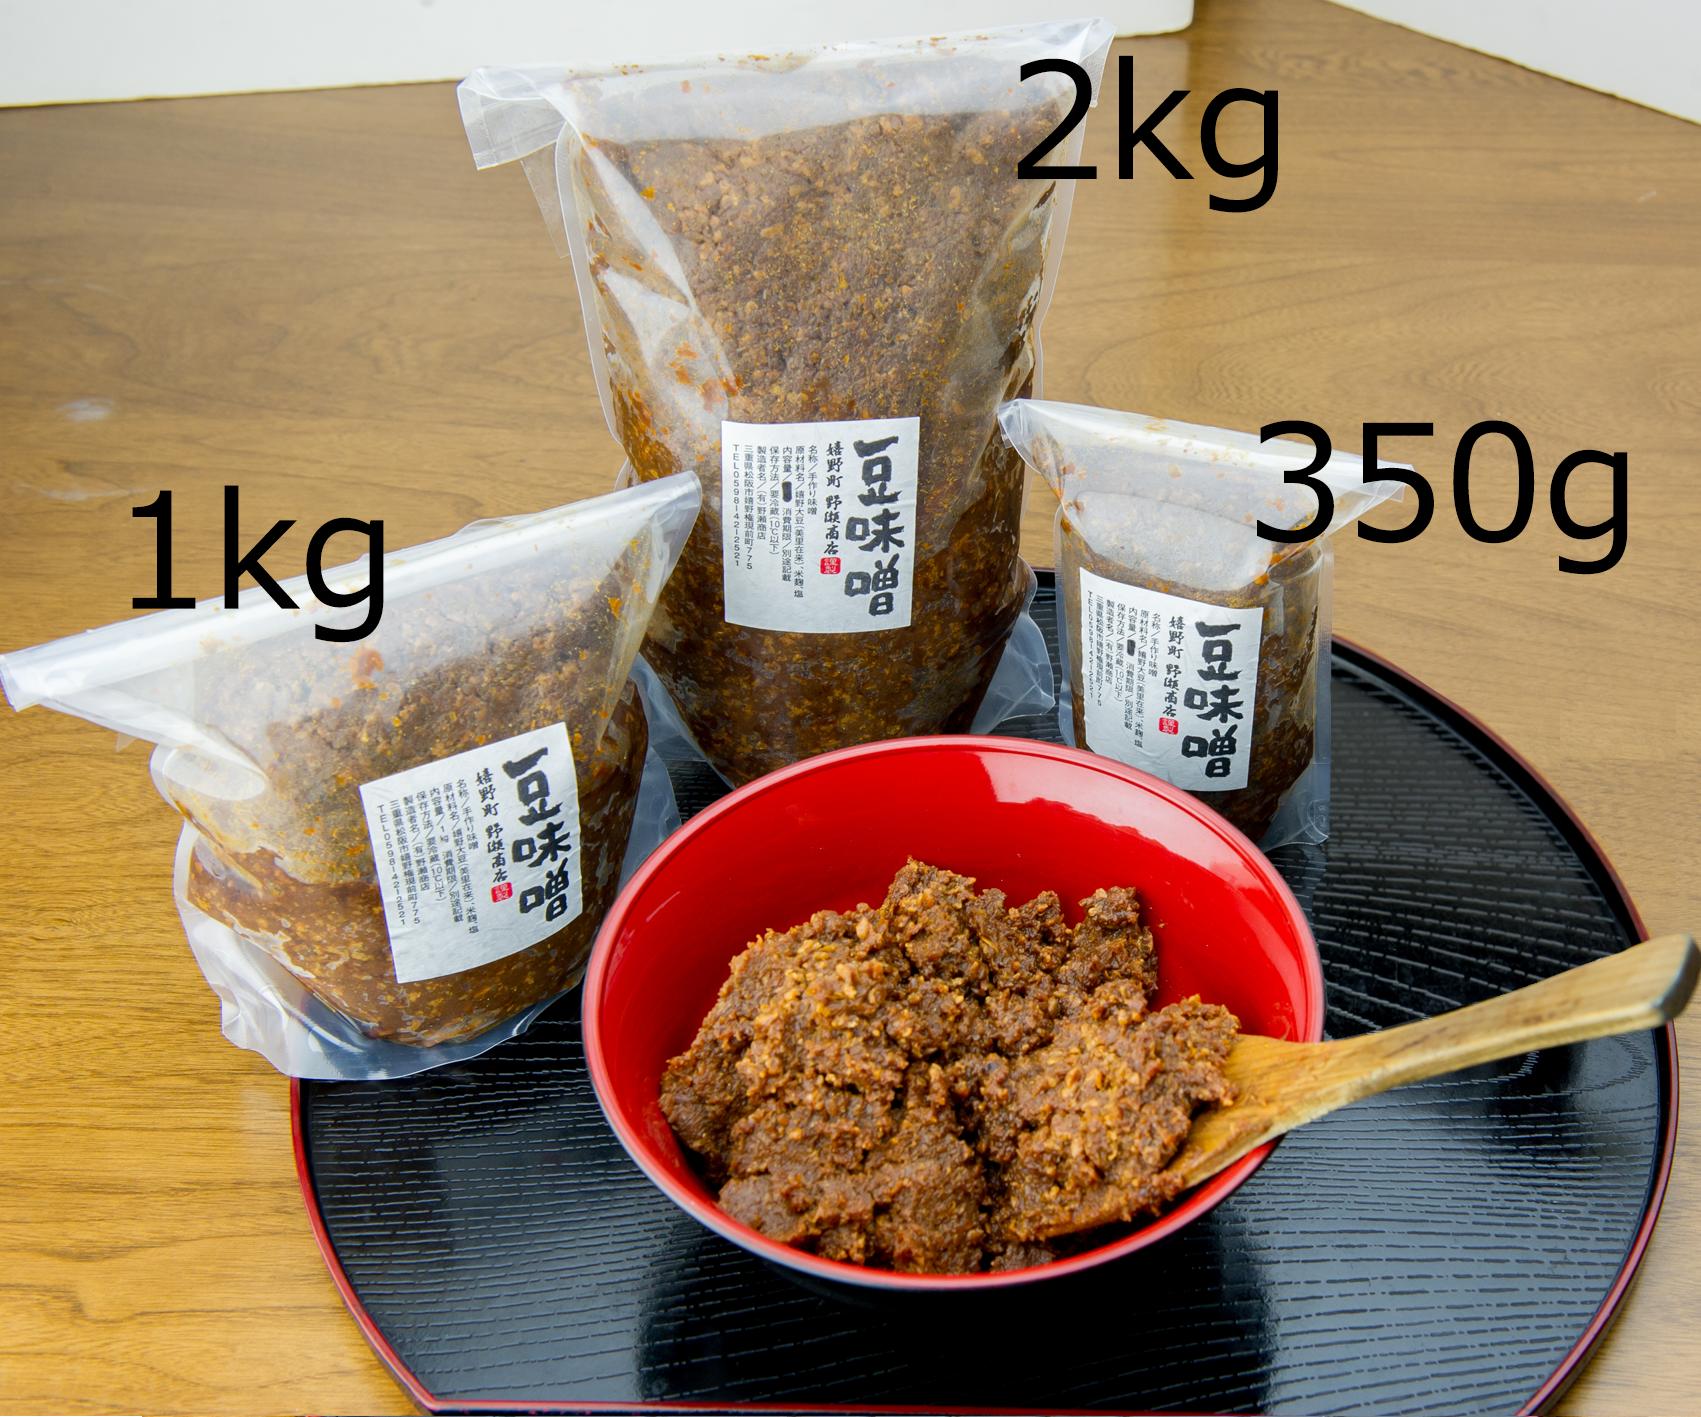 嬉野大豆 豆味噌 350g